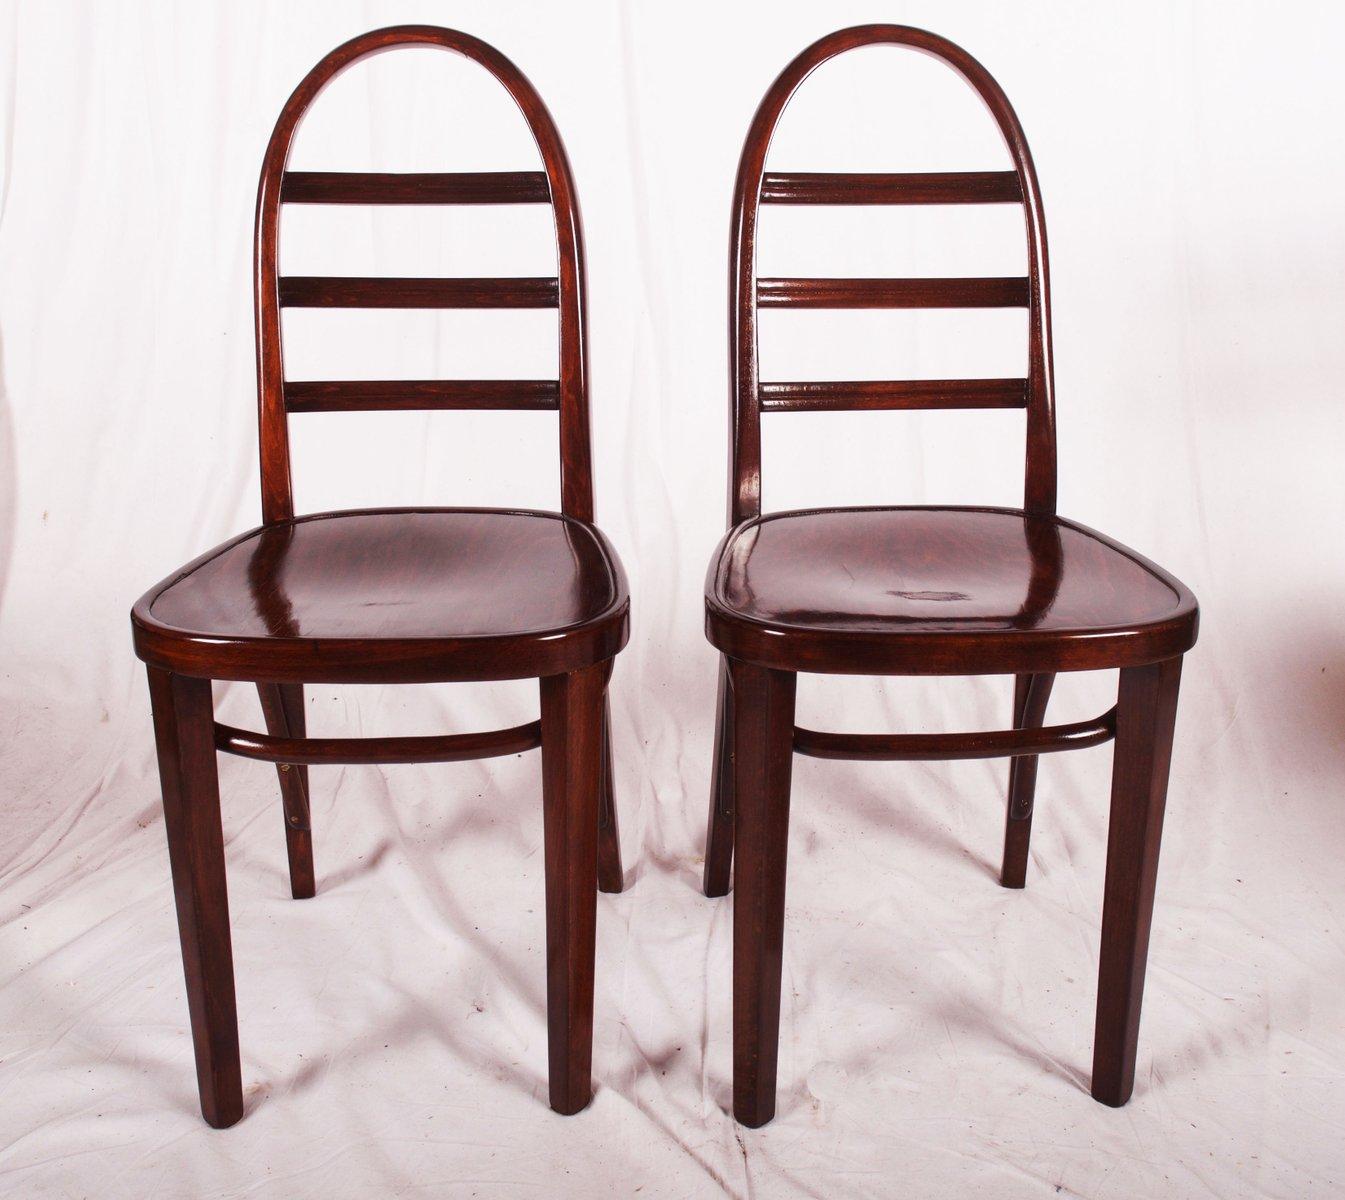 art deco beech bentwood chair from thonet